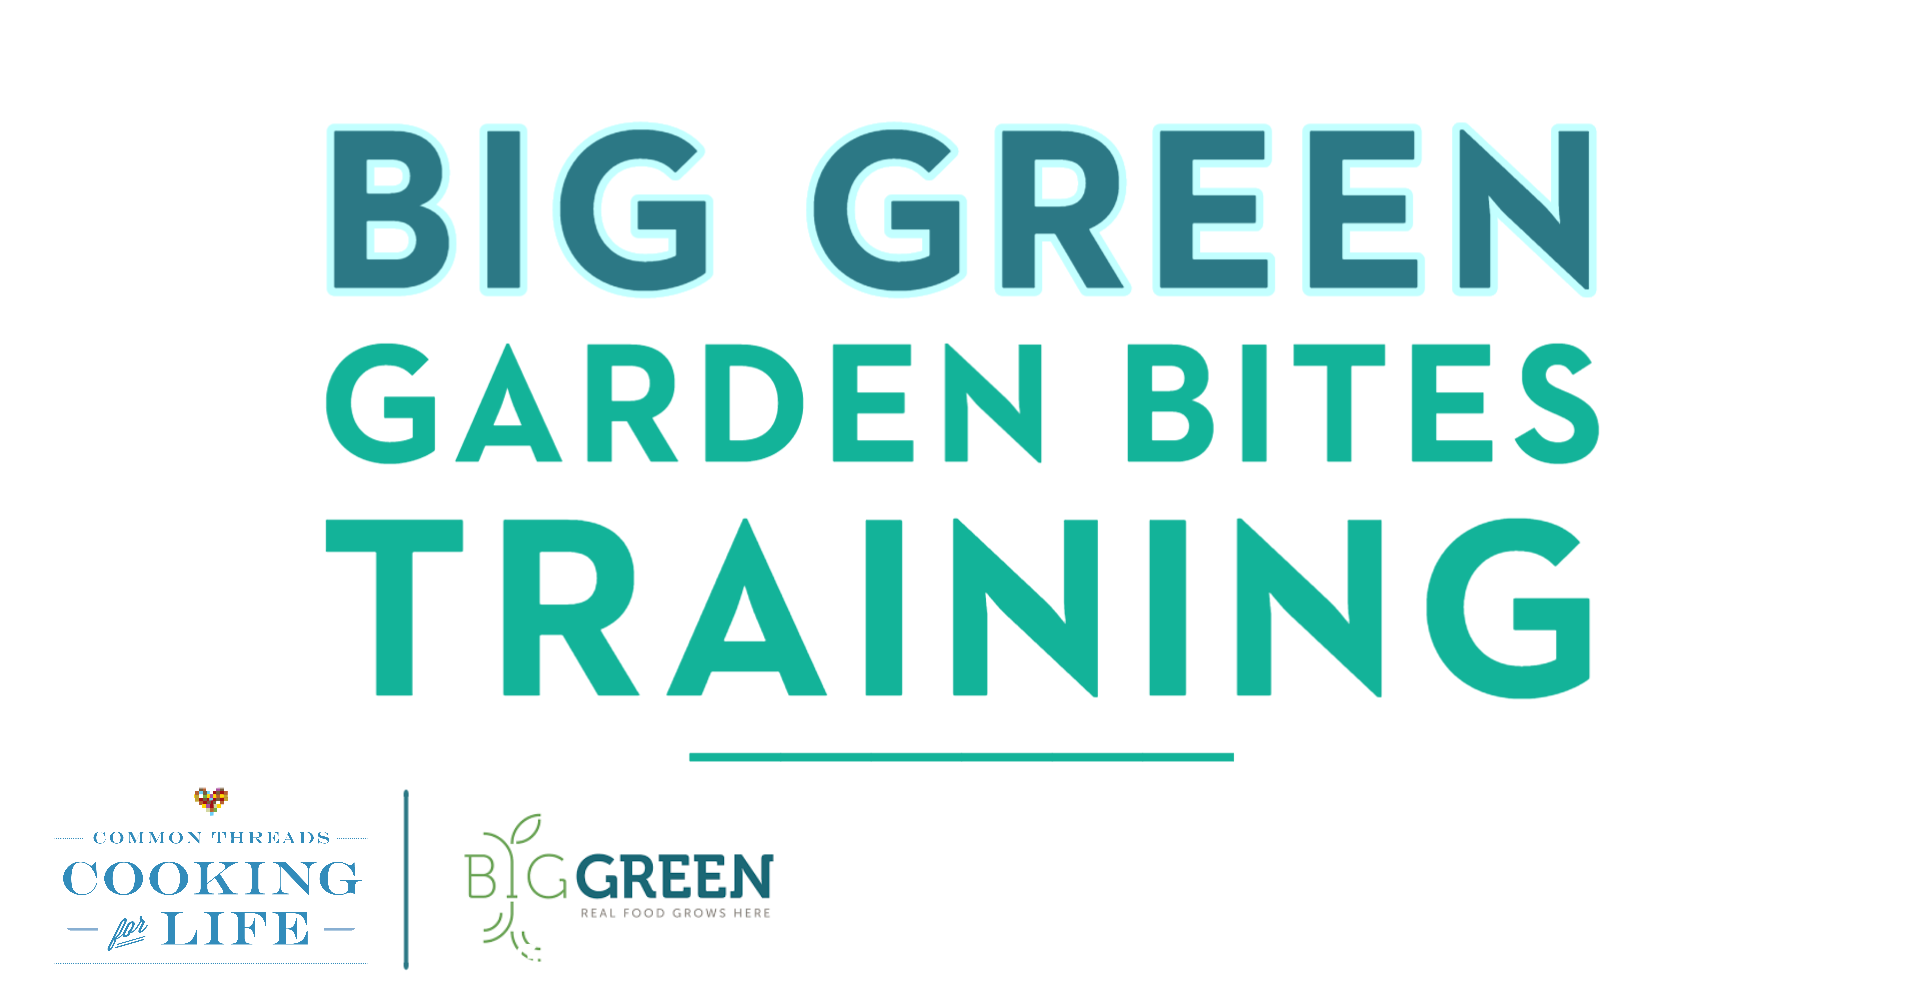 Big Green: Garden Bites Training